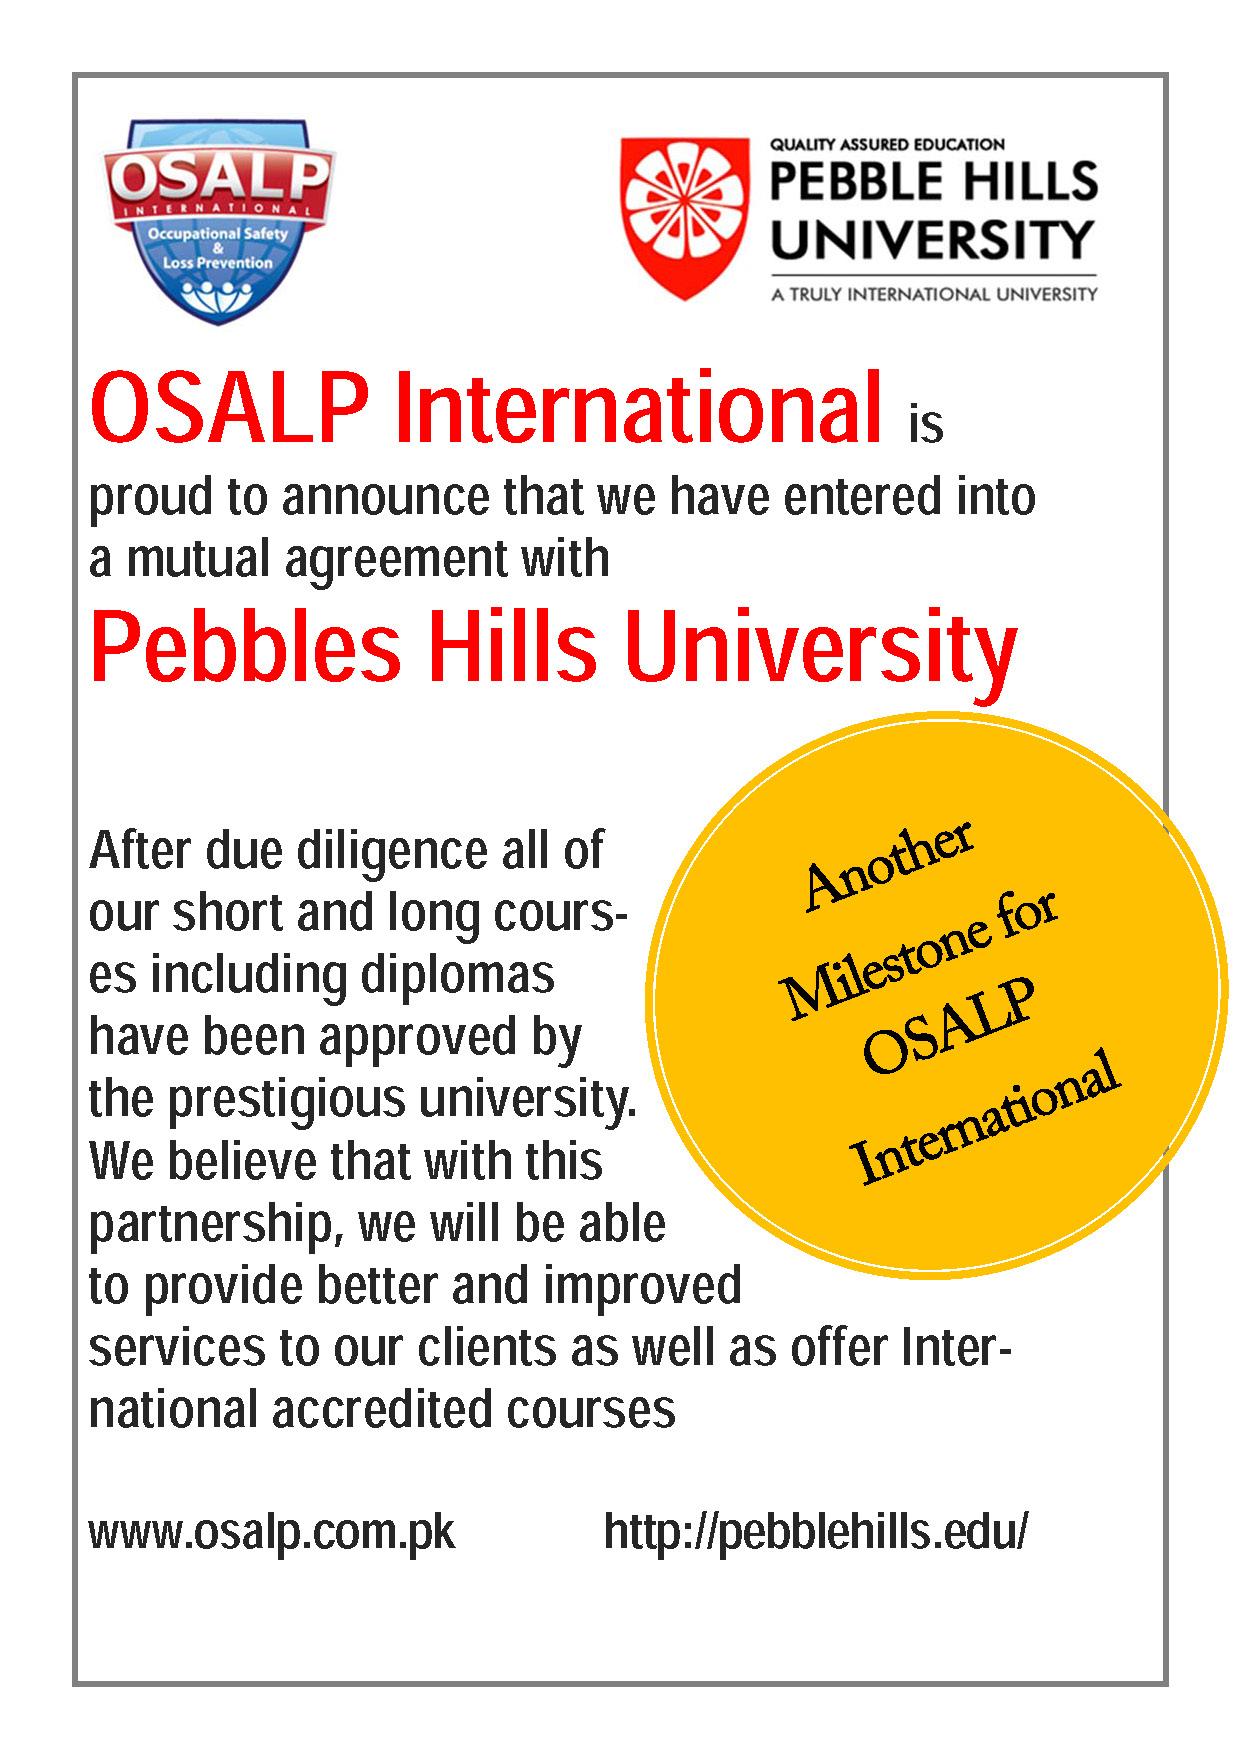 OSALP-PebbleHills